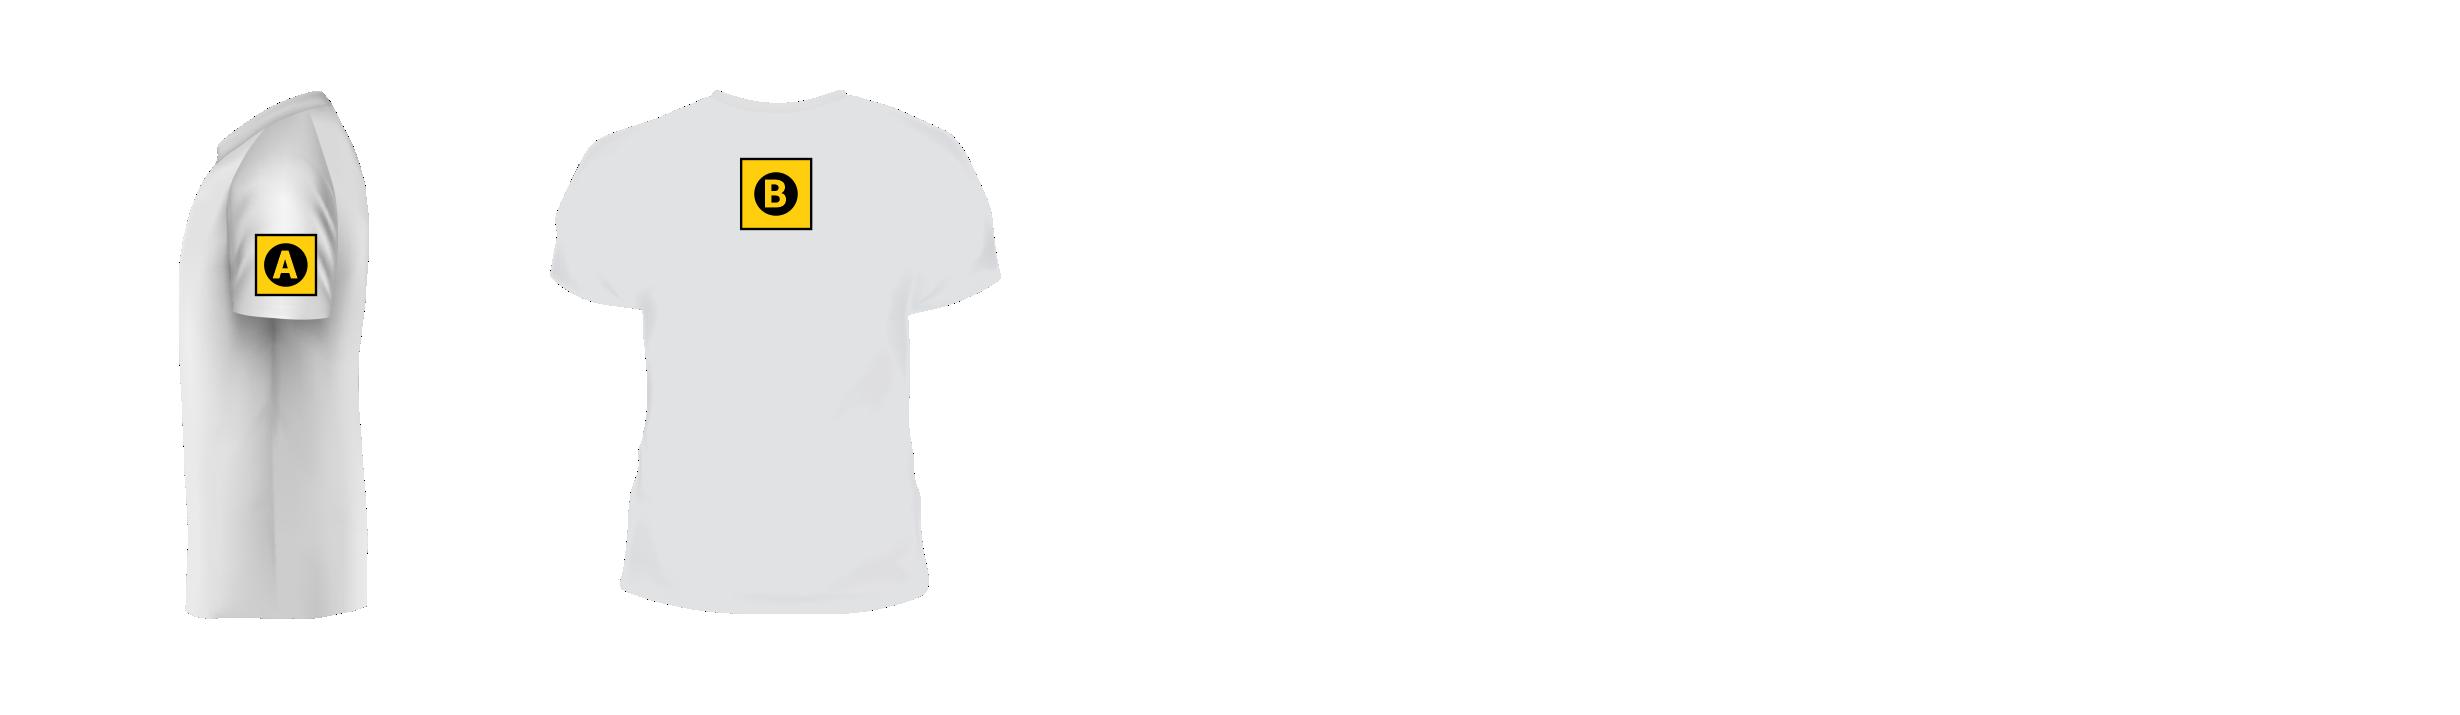 dimensioni-stampa-suggerite-2